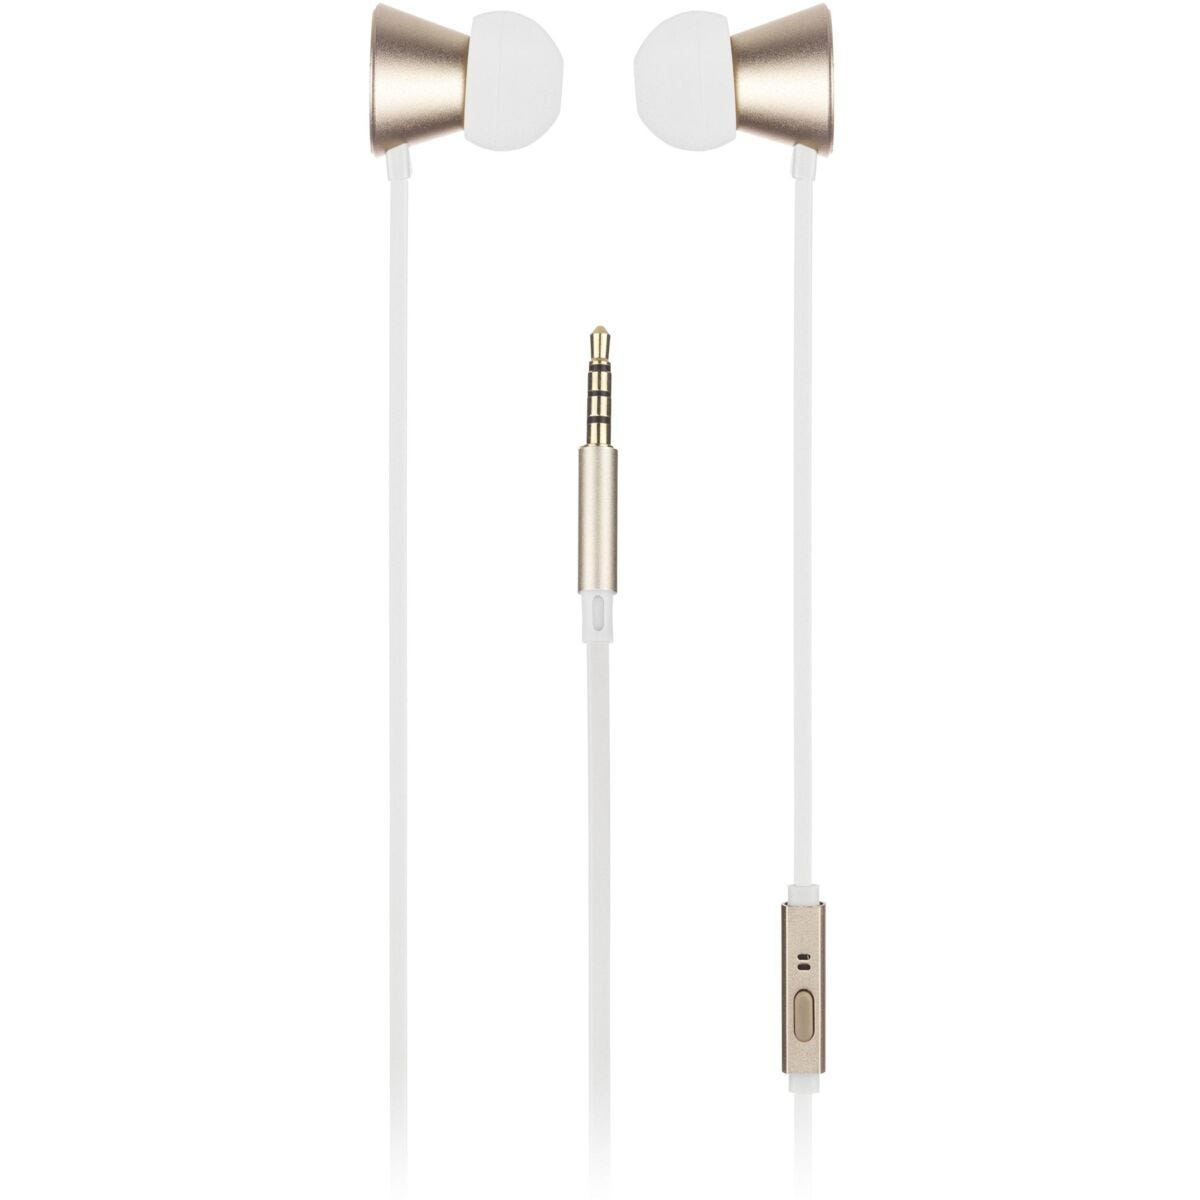 KitSound Metallics In-Ear Headphones